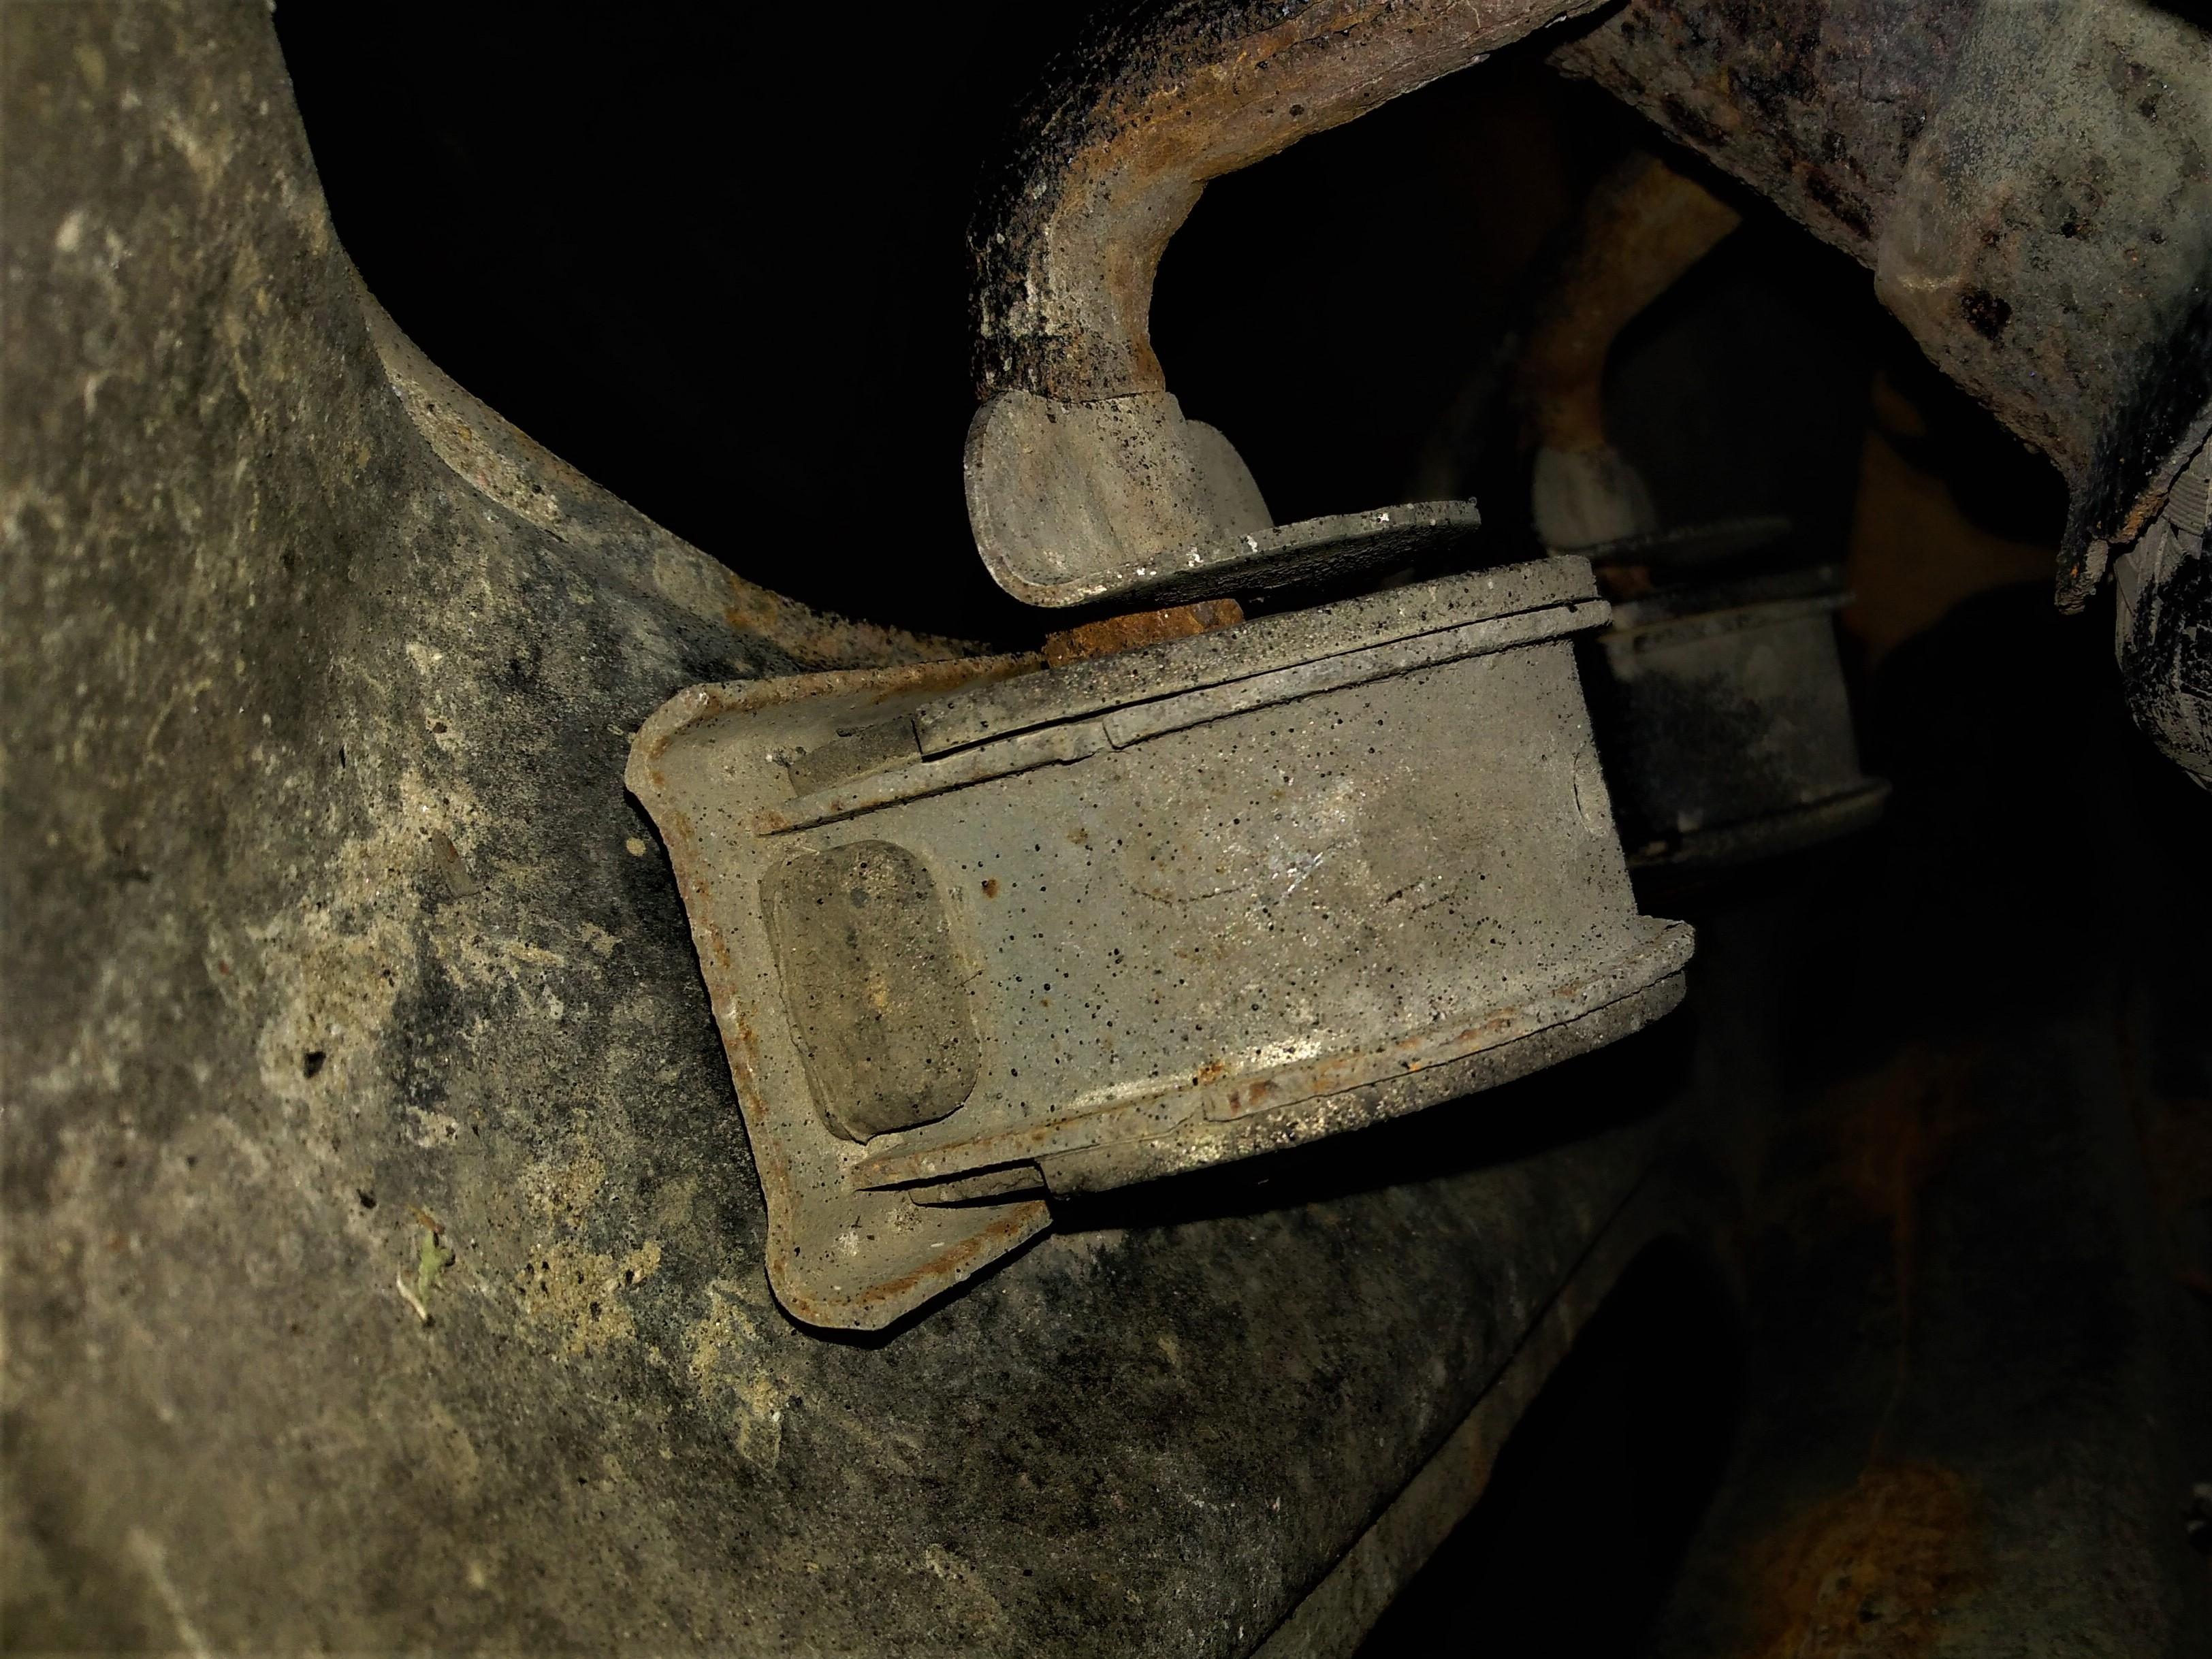 Silentbloky motora, podvozku, prevodovky: Ako spoznáme, že doslúžili?